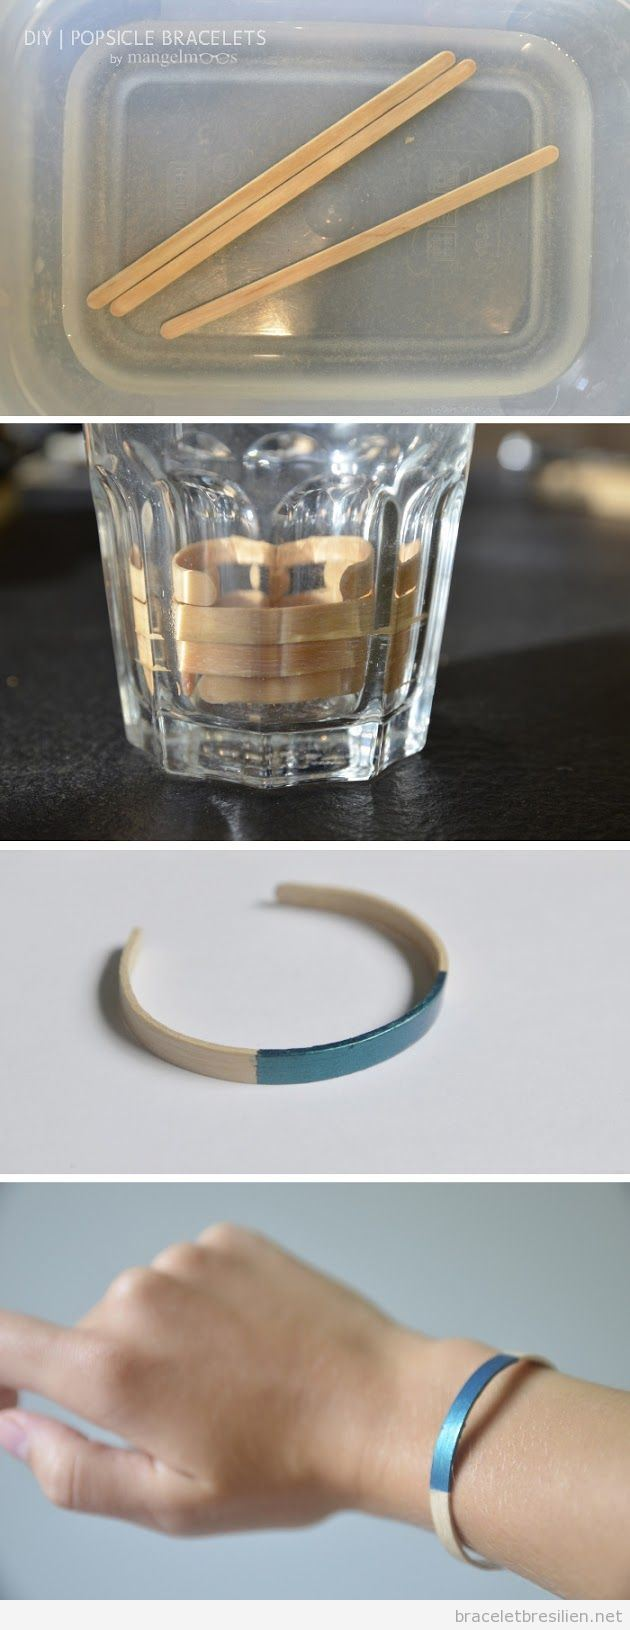 bracelet r alis avec un b tonnet de glace en la forme de. Black Bedroom Furniture Sets. Home Design Ideas